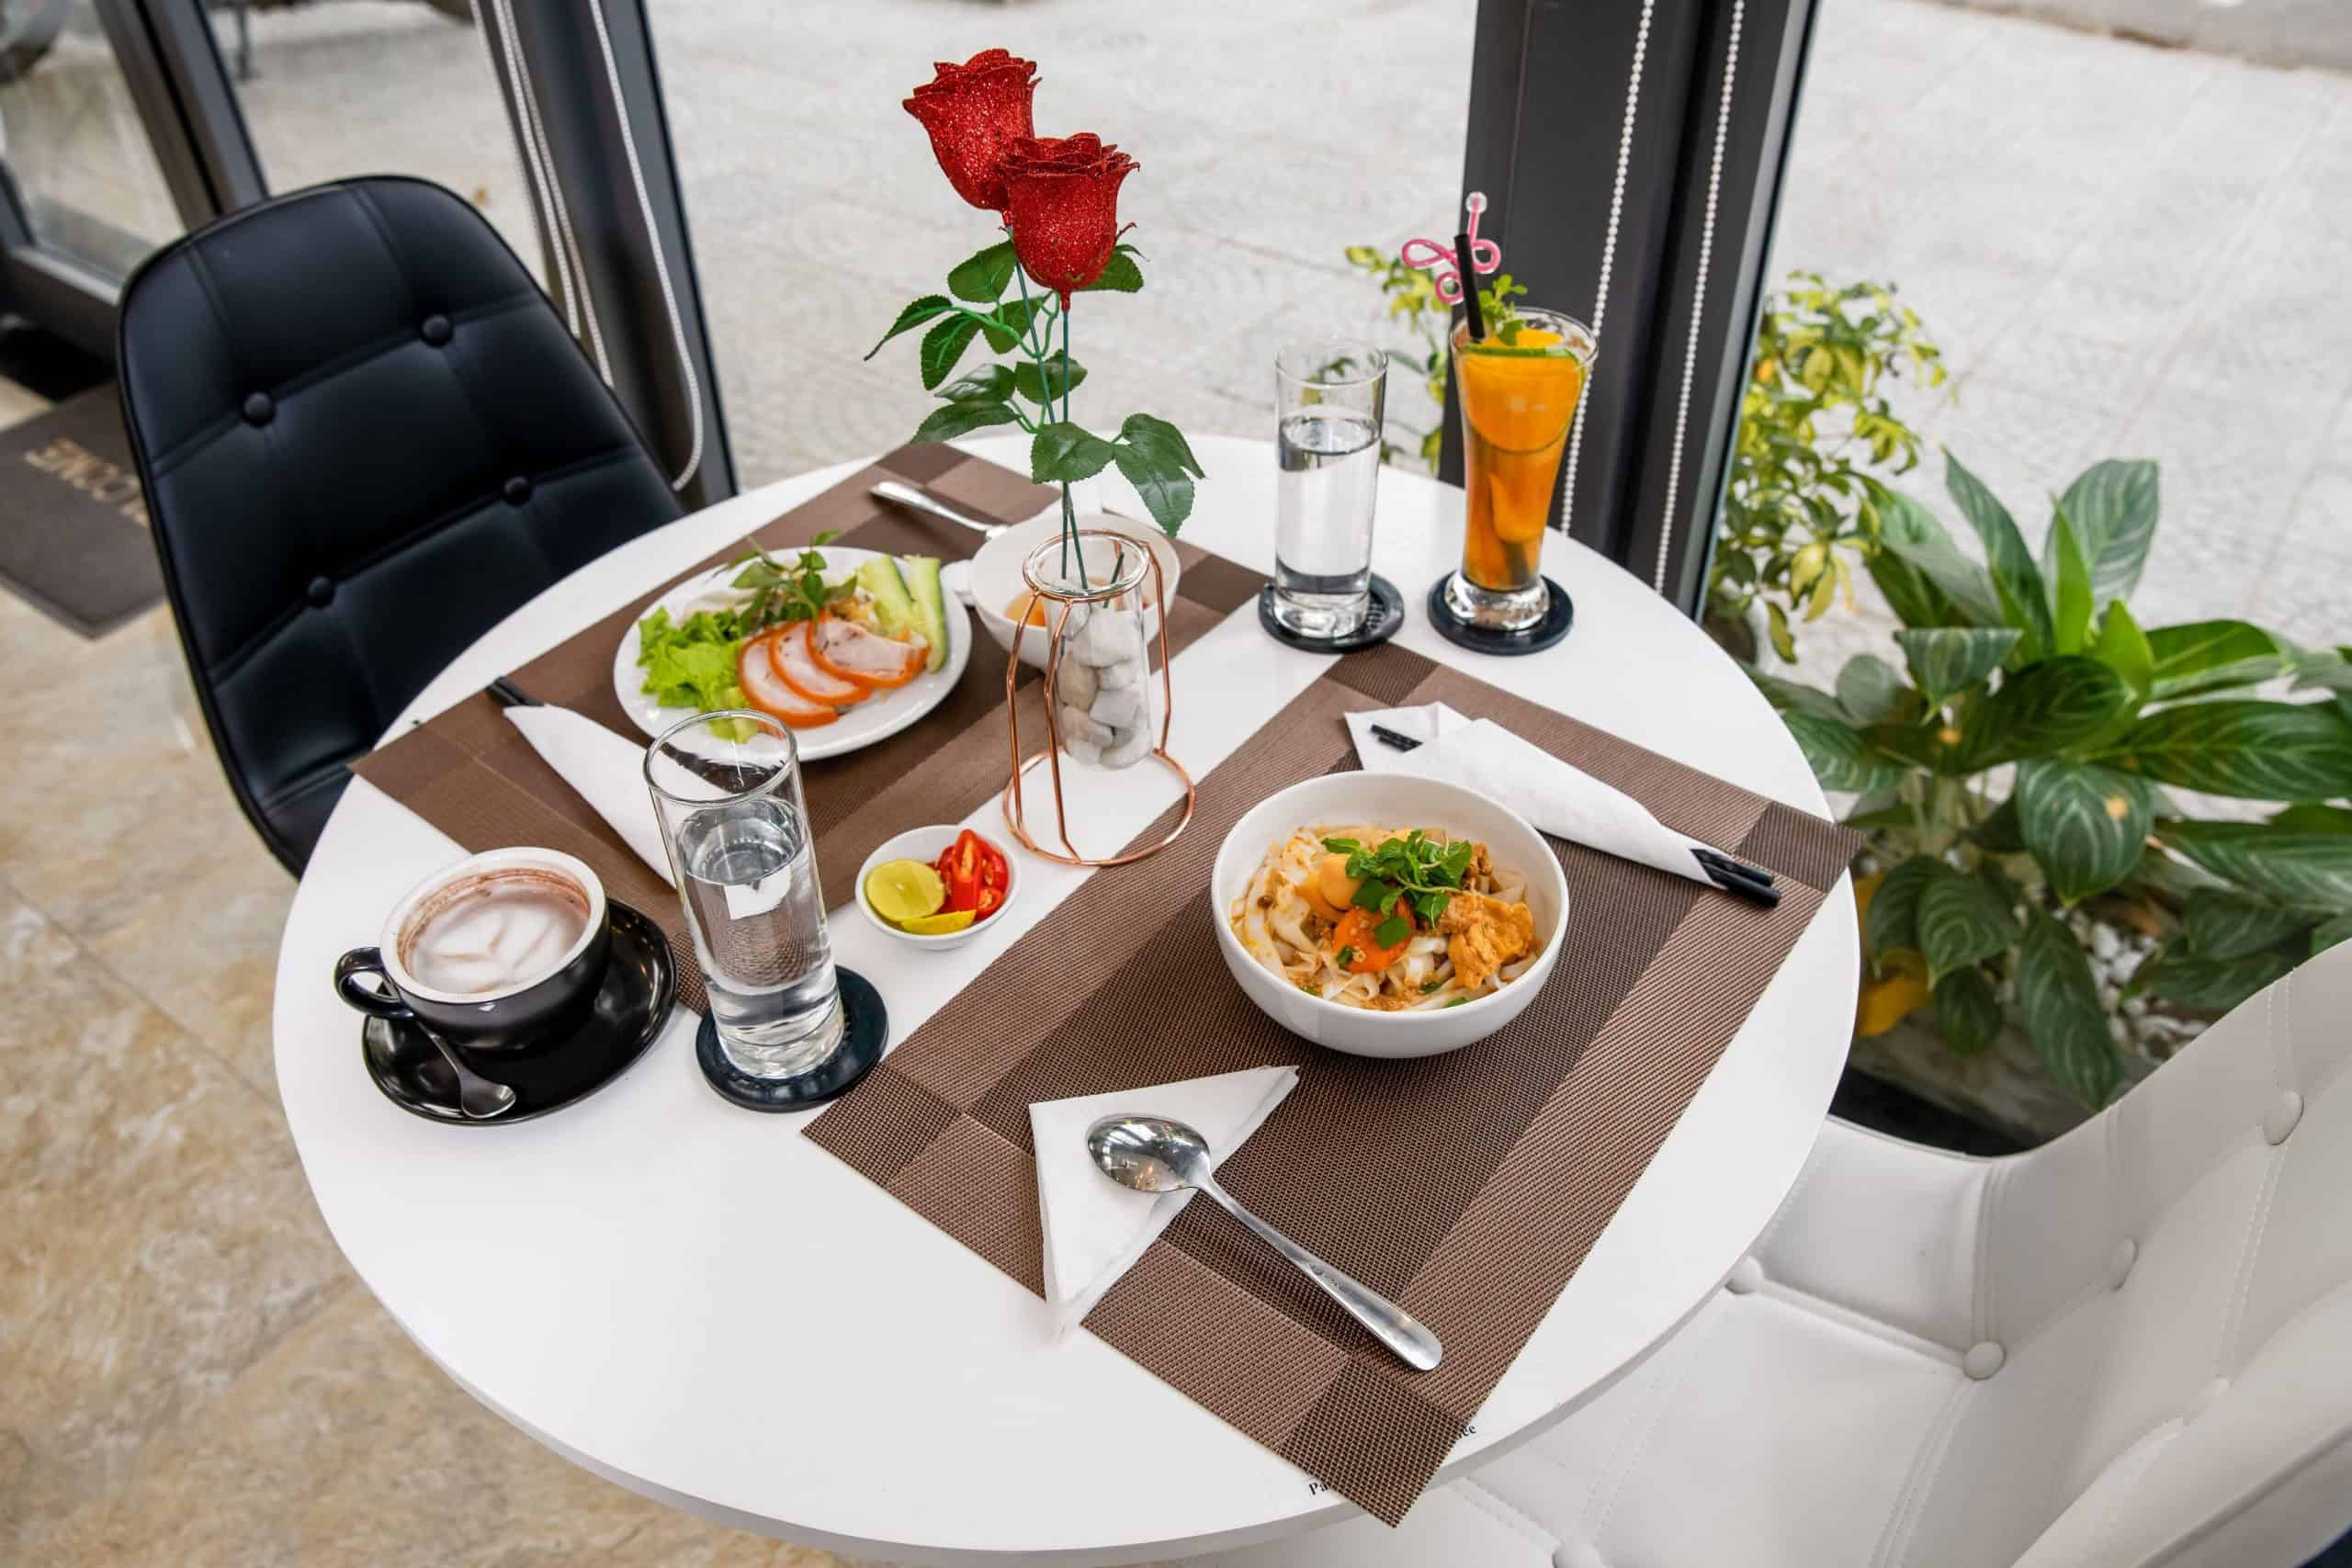 Bữa sáng với món ăn Châu Á phục vụ cho du khách tại Bamboo Hotel